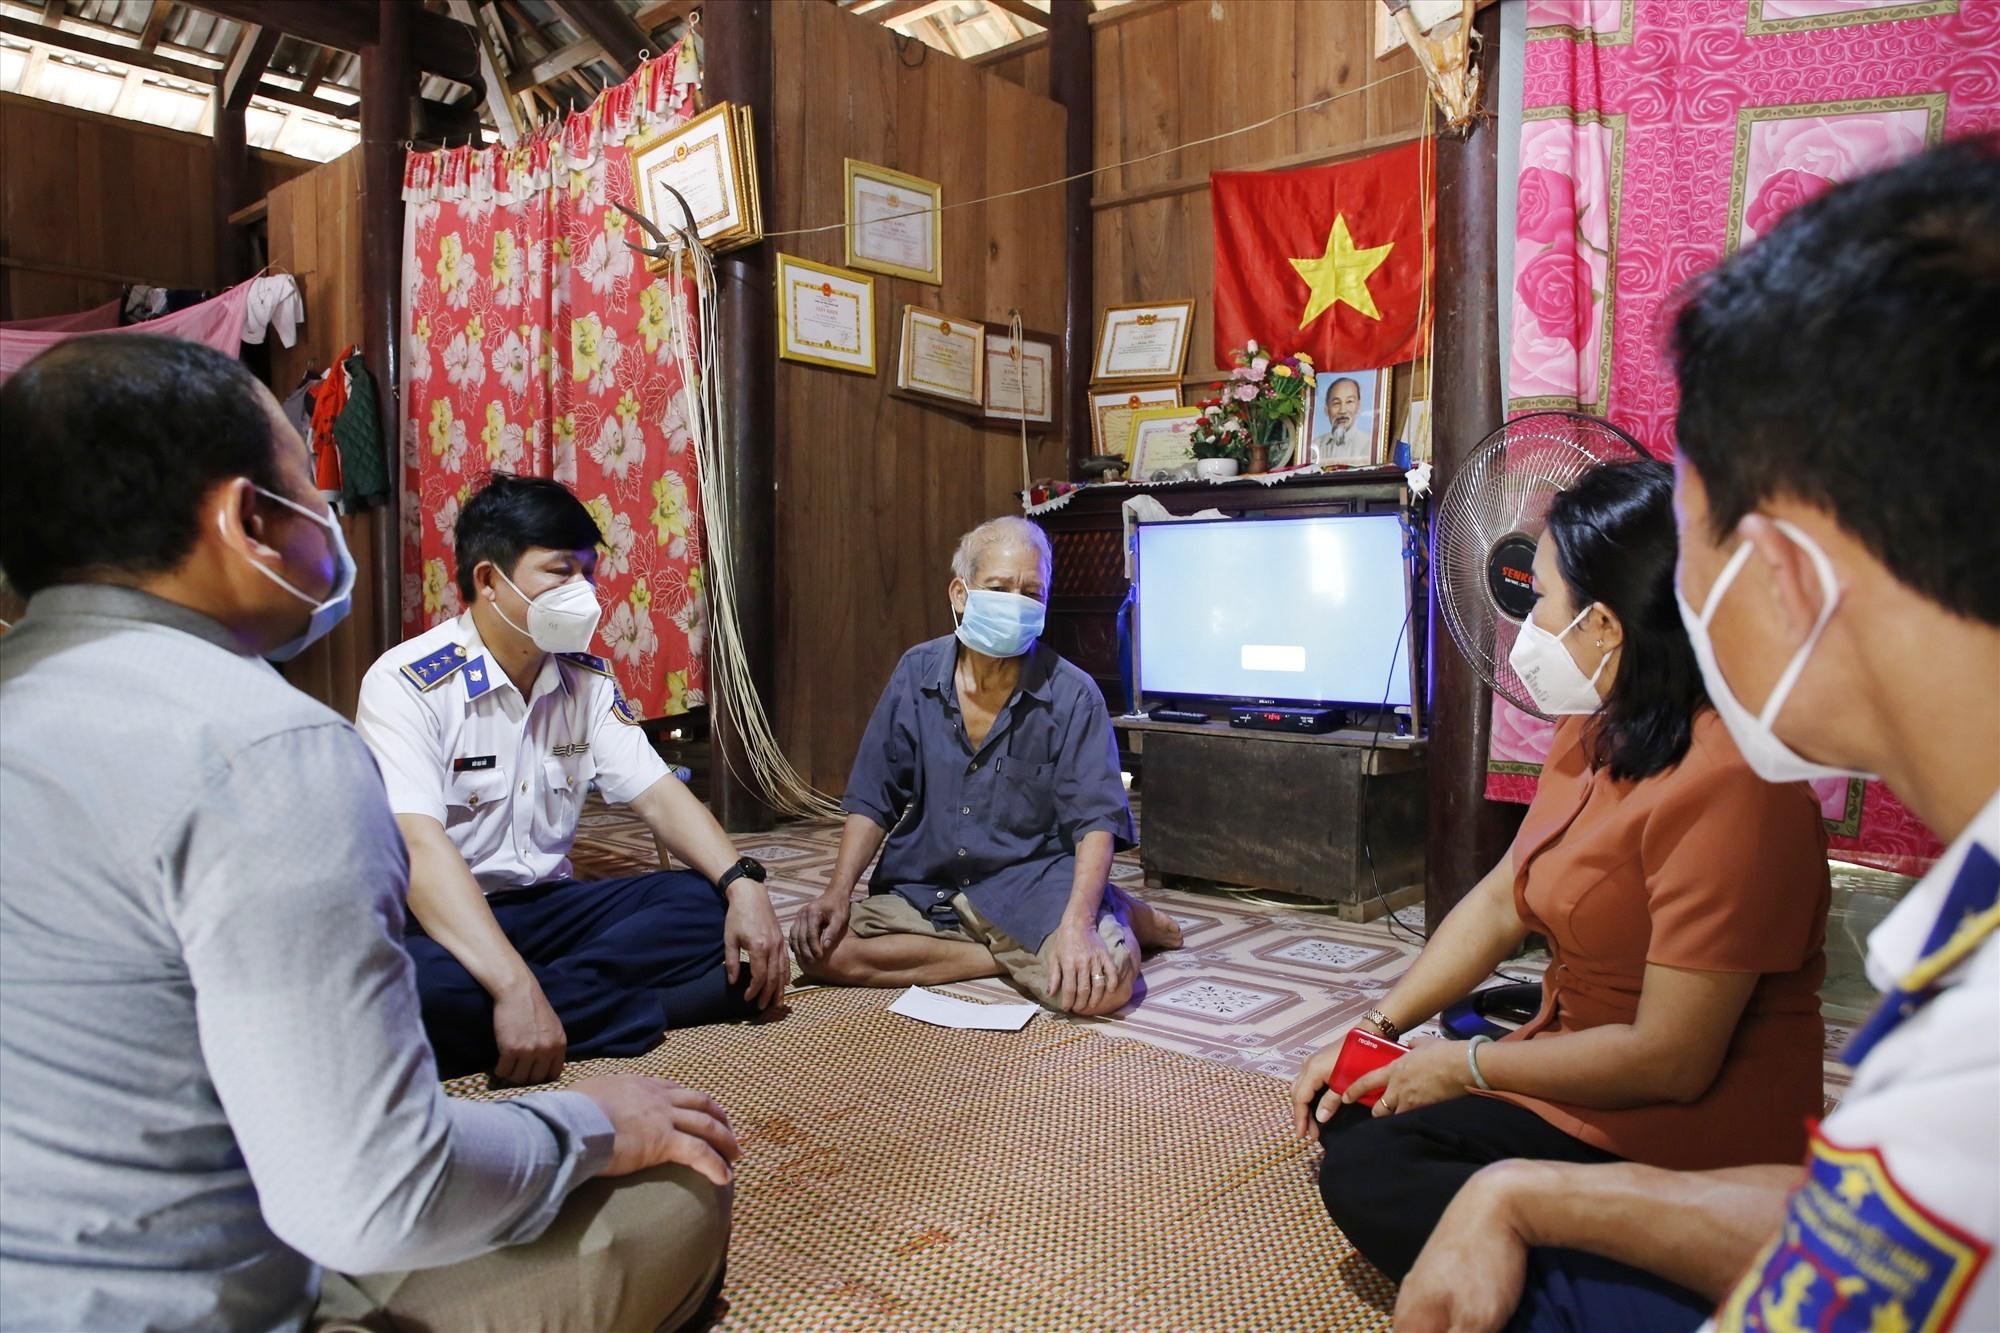 Thượng tá Bùi Đại Hải và Trưởng Ban Dân vận Tỉnh ủy Huỳnh Thị Thùy Dung đến thăm hỏi, tặng quà cho ông Alăng Biêu, người có uy tín tại thôn Bến Hiên (xã Kà Dăng). Ảnh: T.C